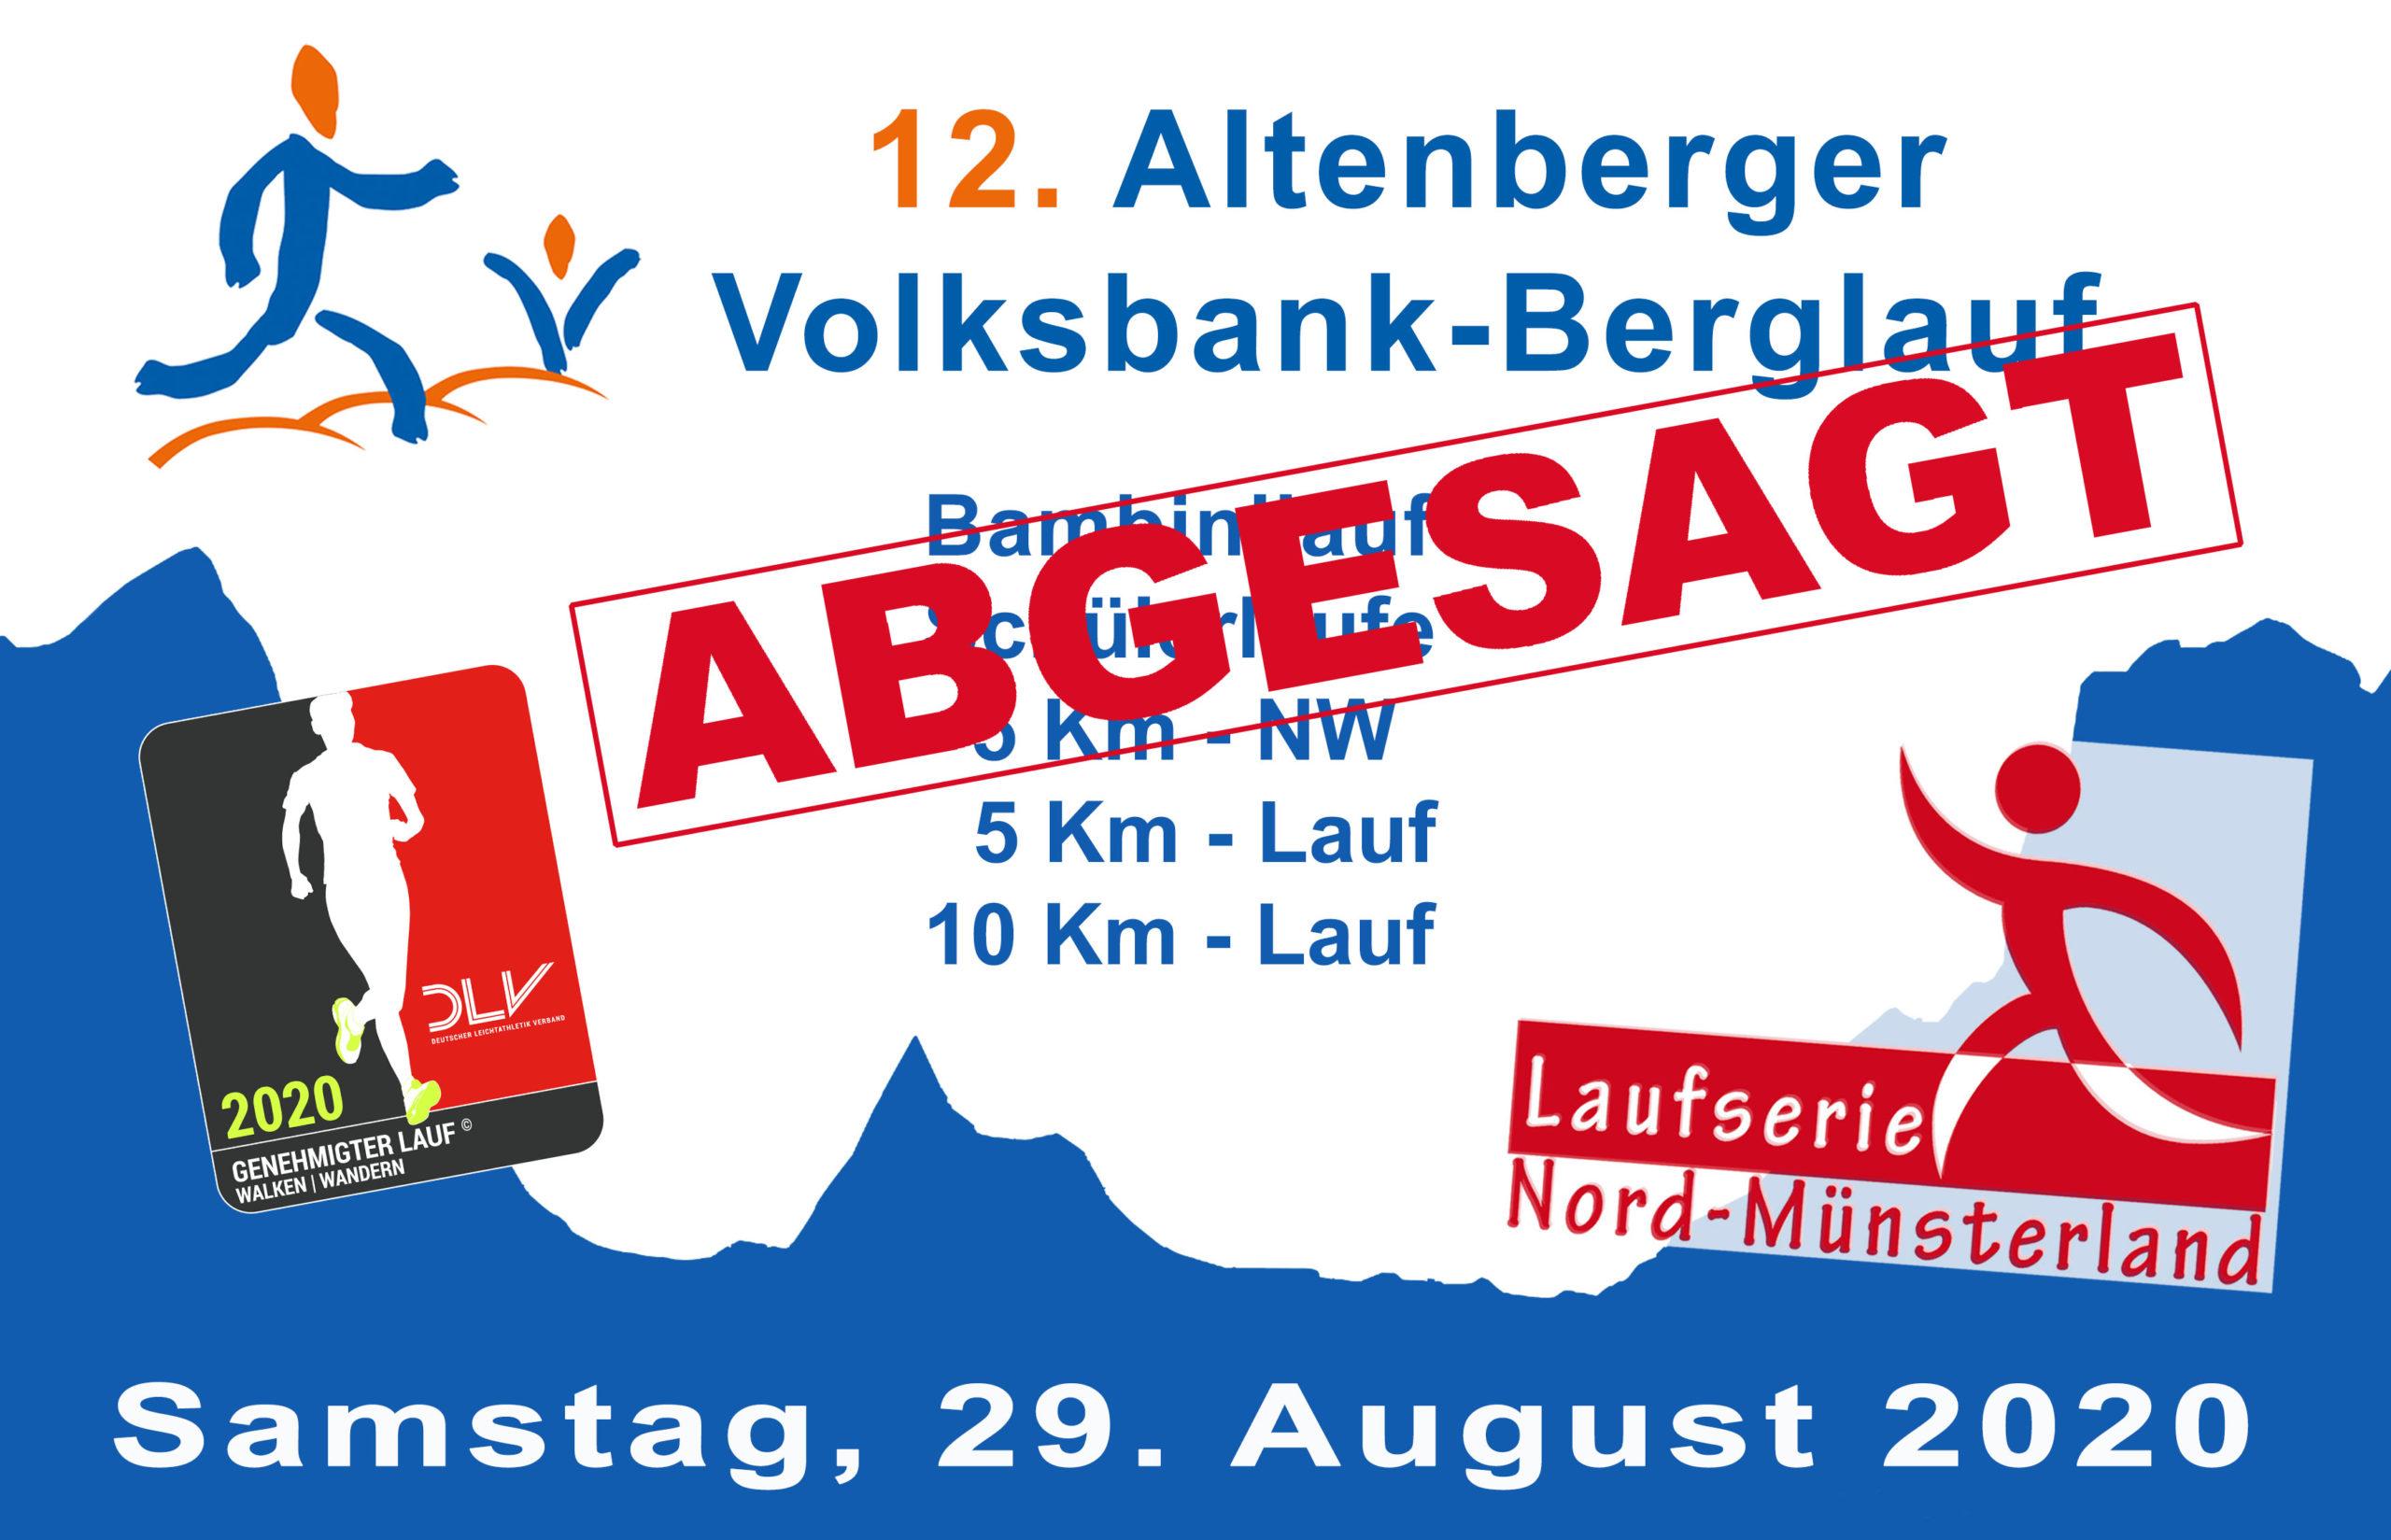 Eine weitere Veranstaltung wird abgesagt - Der 12. Altenberger Volksbank-Berglauf am 29. August 2020 findet nicht statt